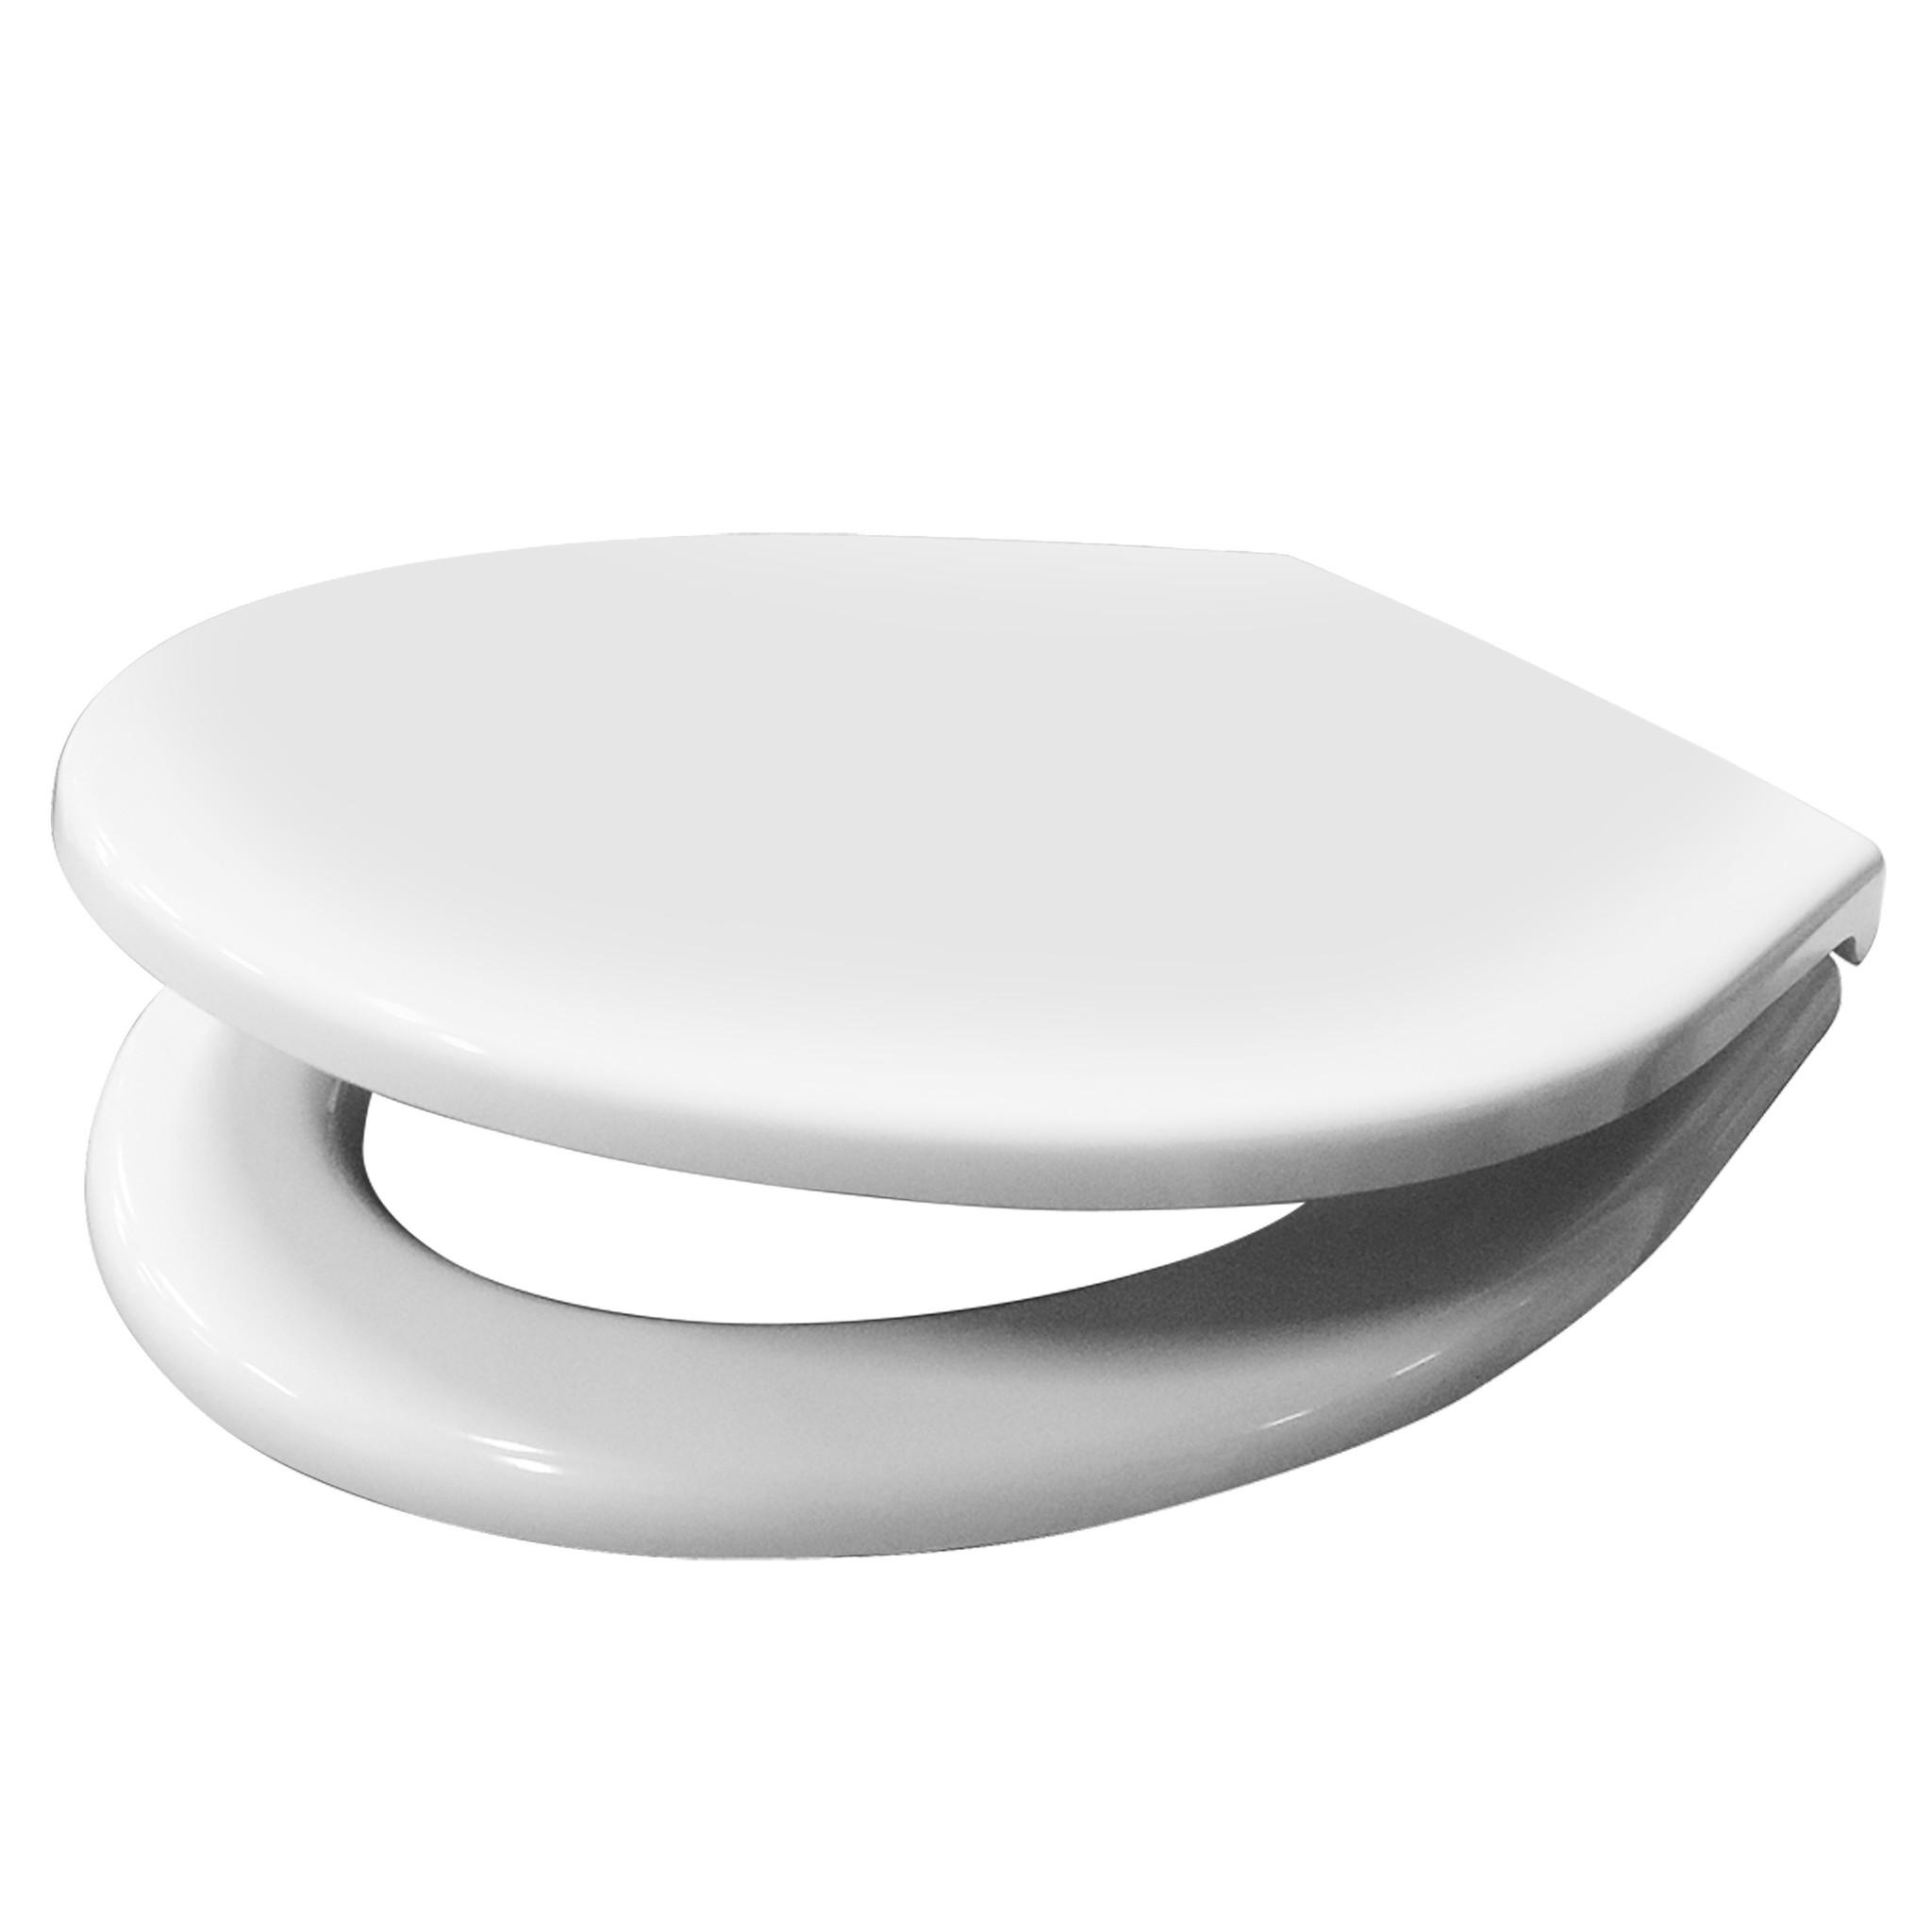 Toilet Zitting Van Marcke Haro Regent Soft Close Duroplast Wit